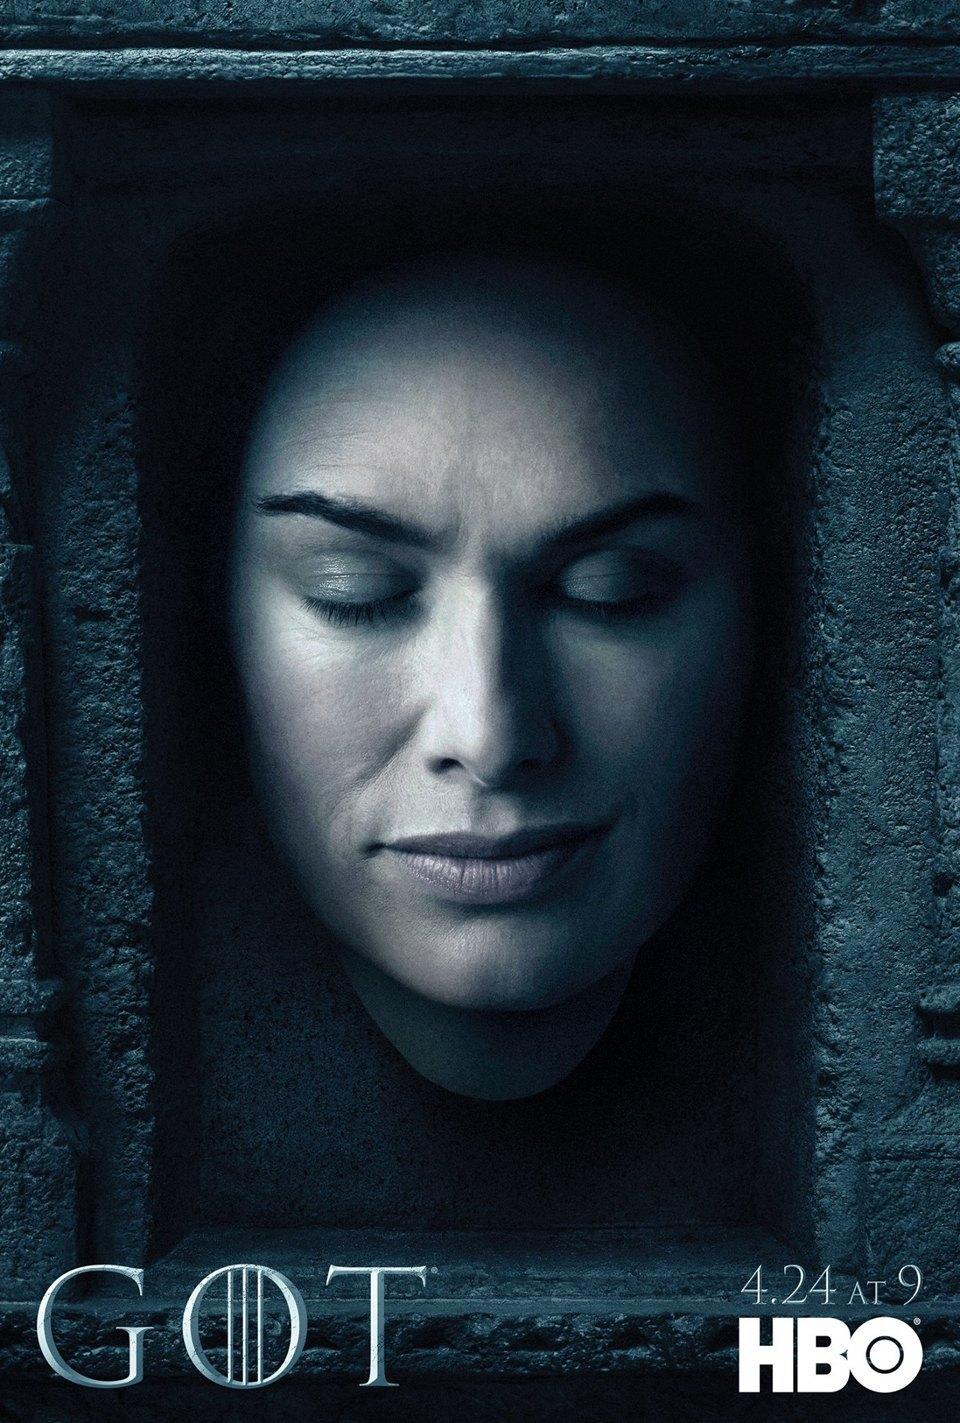 Постеры с героями «Игры престолов» к новому сезону. Изображение № 7.